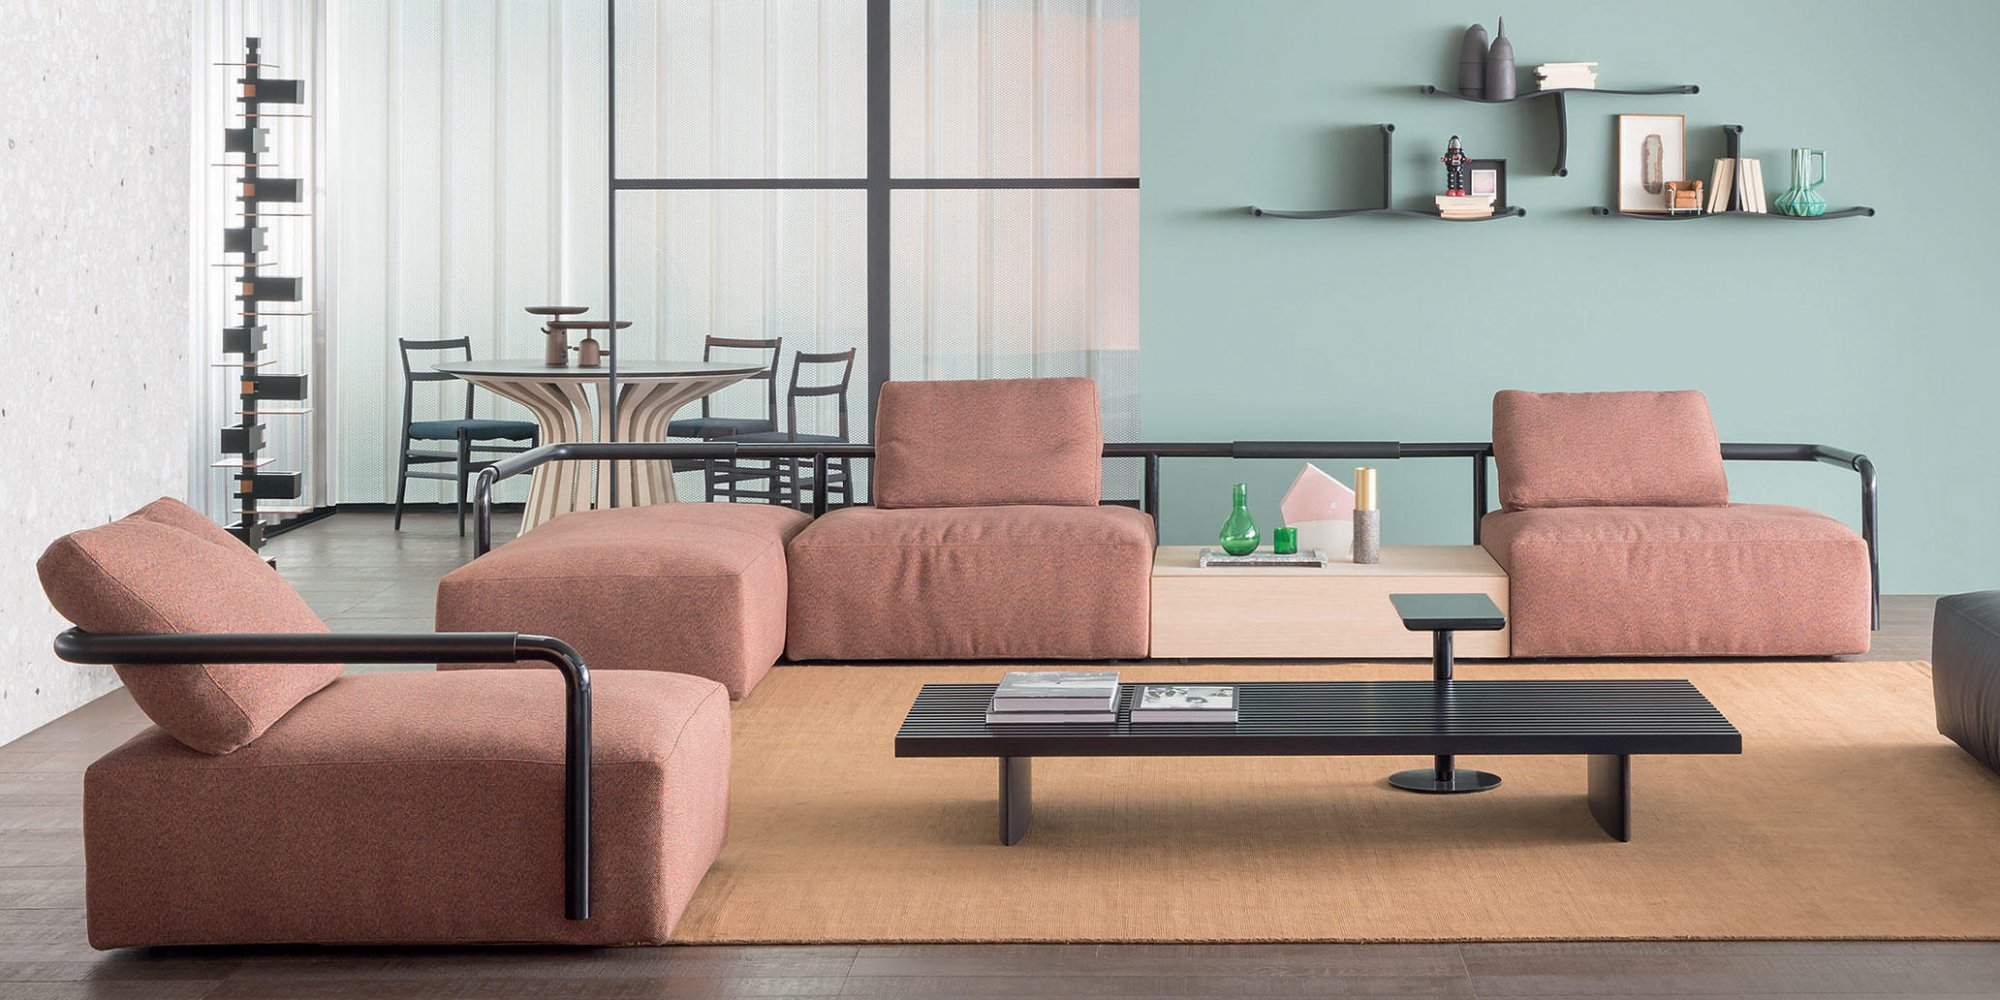 canap 3 places 5 crit res pour bien choisir celui qui convient bricolo blogger. Black Bedroom Furniture Sets. Home Design Ideas